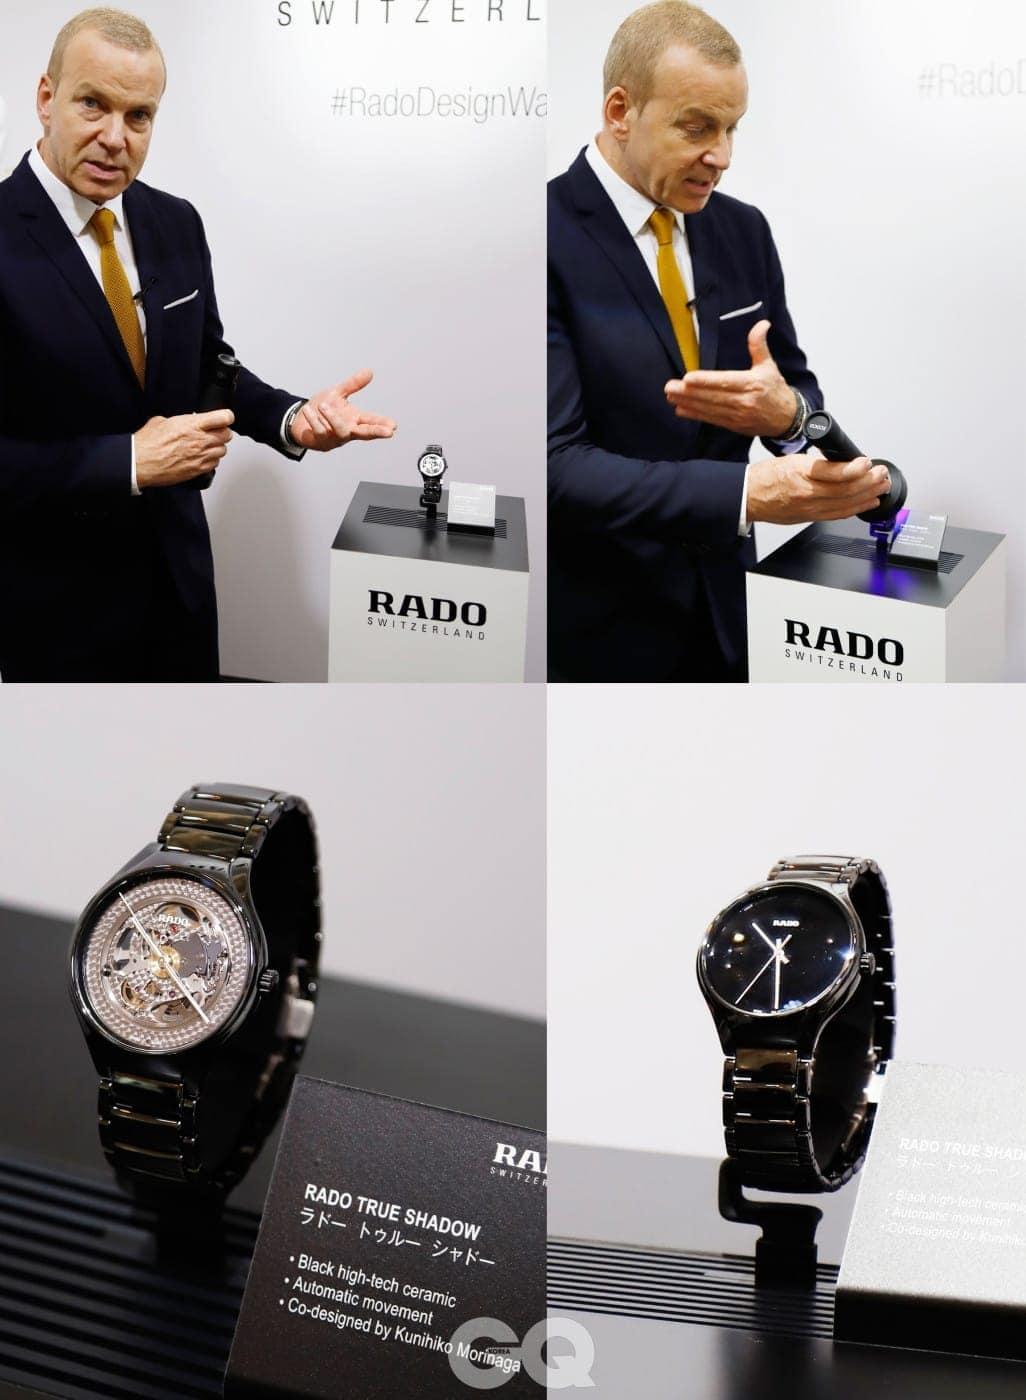 독자들을 위해 라도 트루 섀도우 시계에 대한 프레젠테이션을 직접 해 준 라도 CEO 마티아스 브레스찬. 자외선을 쐬면 사진과 같이 시계 다이얼이 변한다.